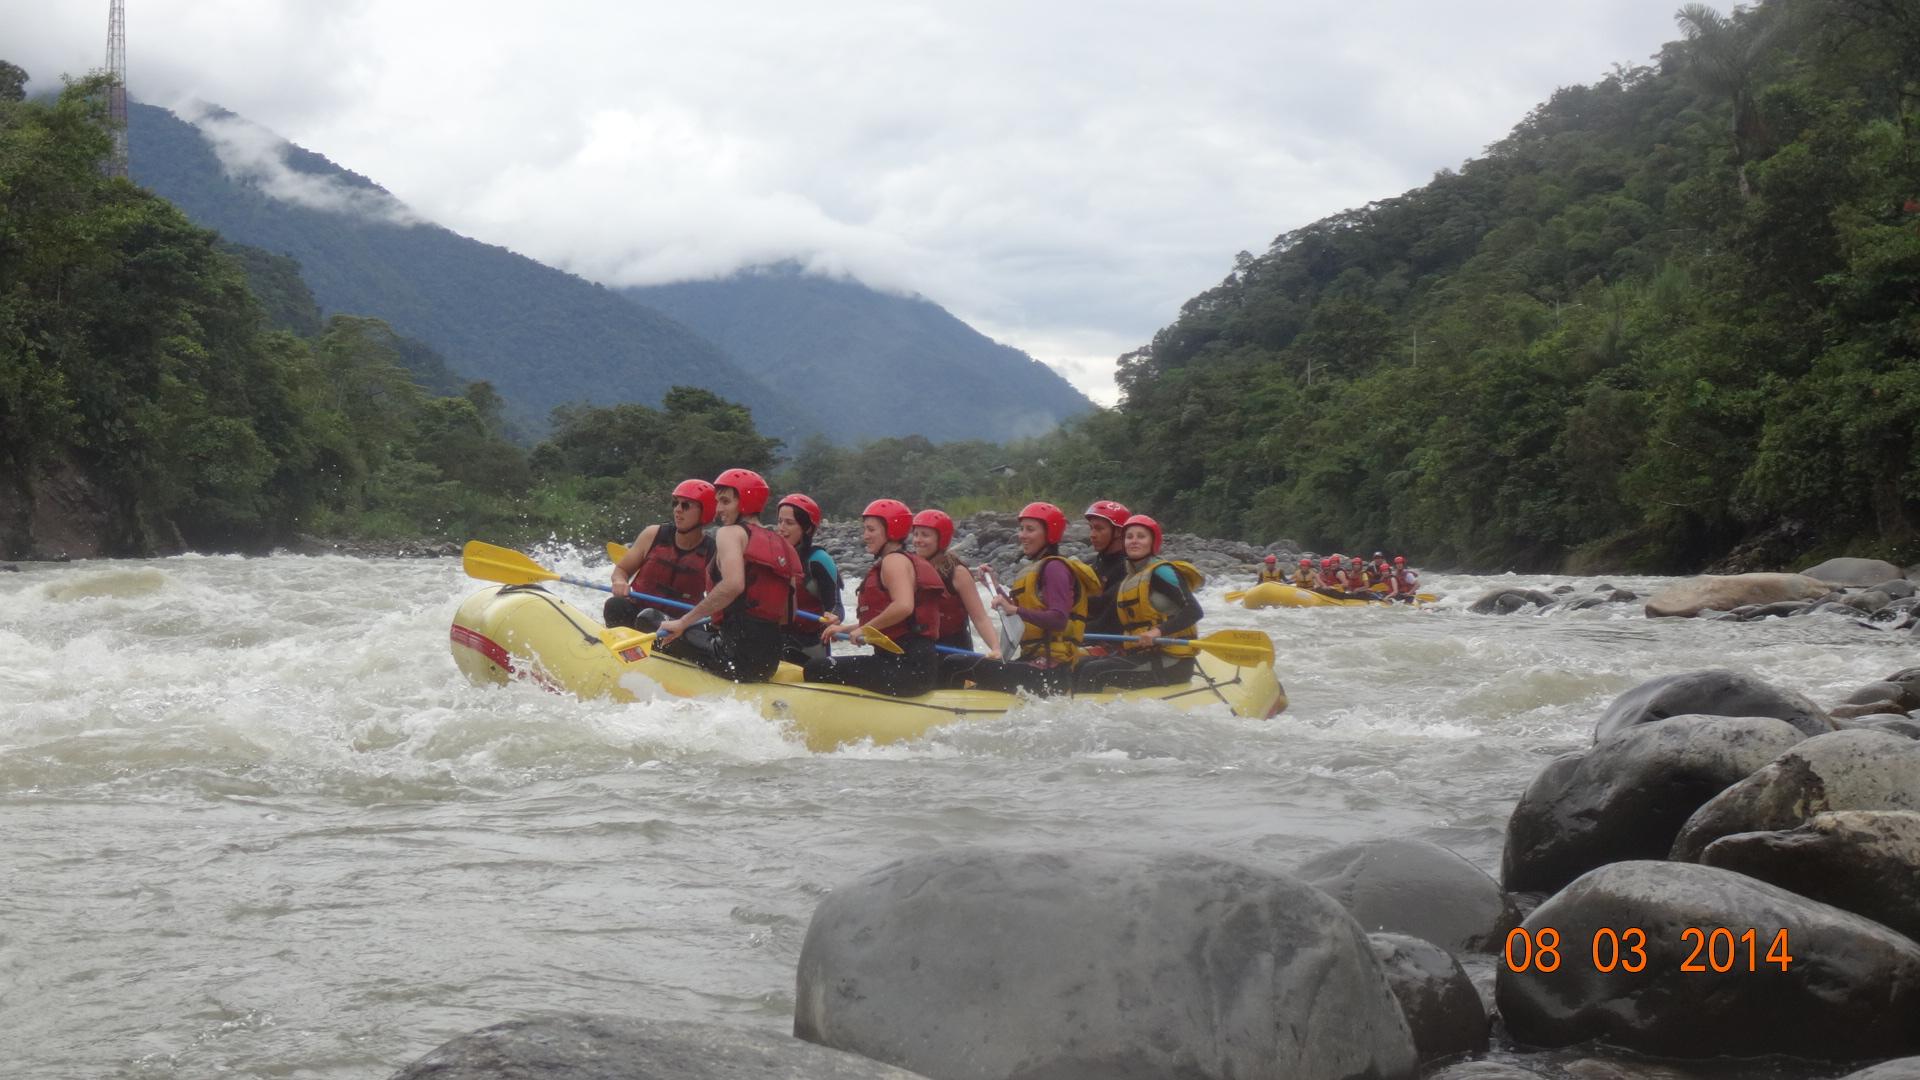 Rafting in Pastaza River